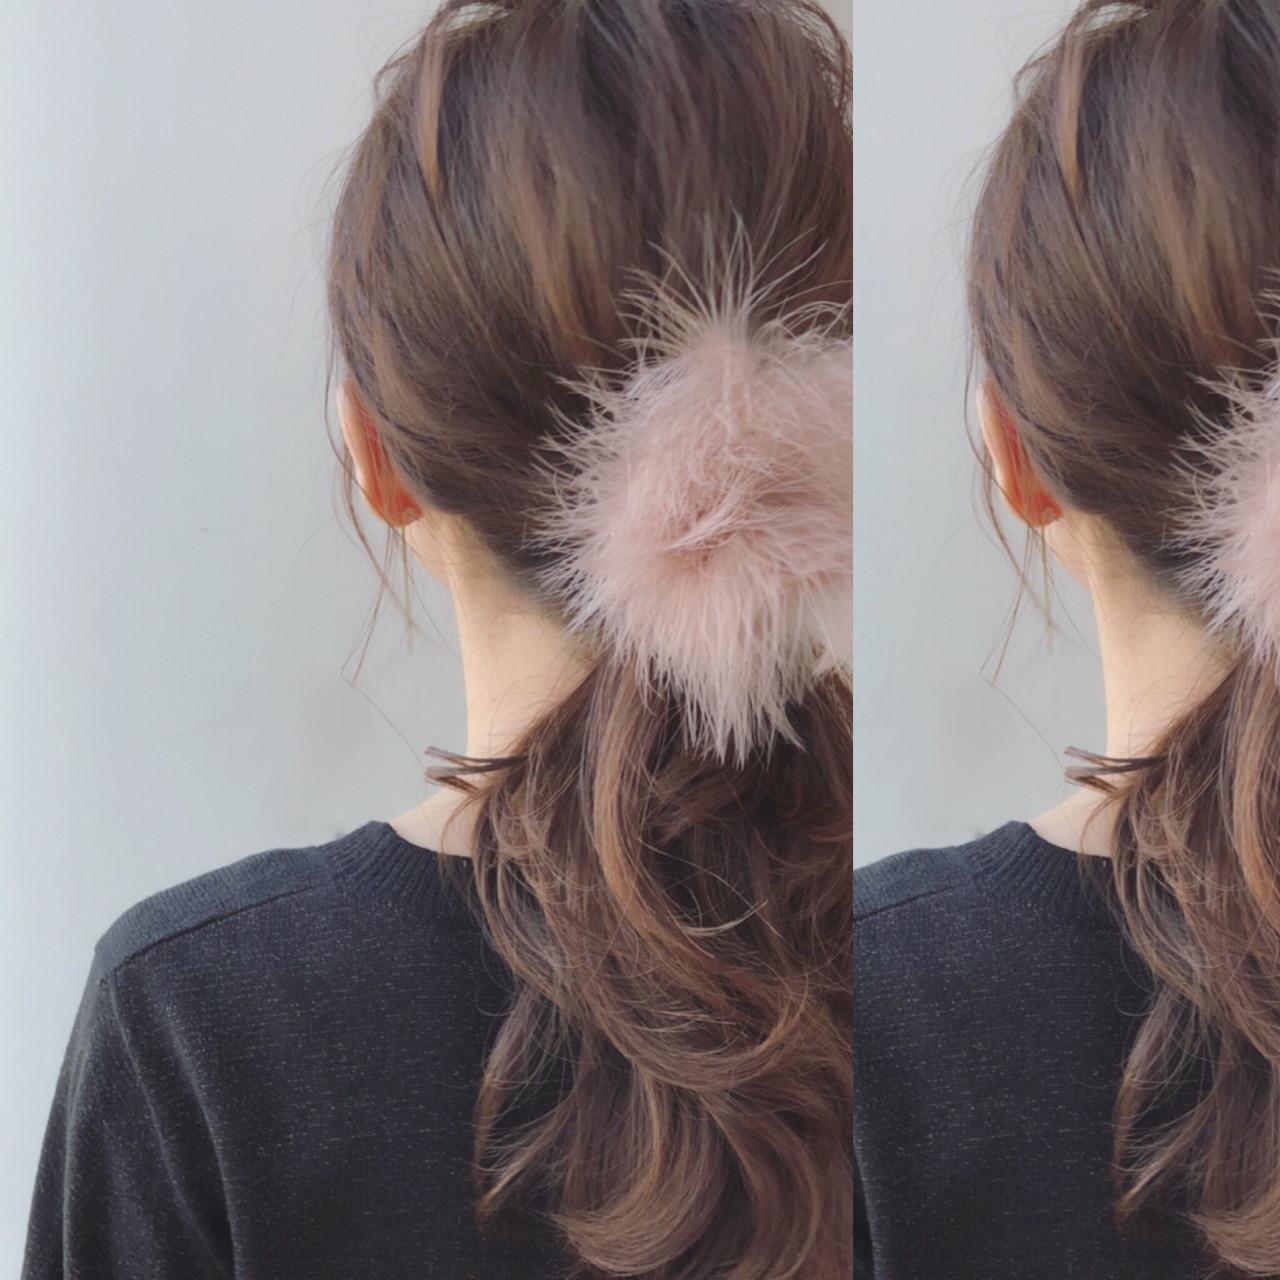 髪飾りの選び方はマナーを守って 古田 千明 // ZACC